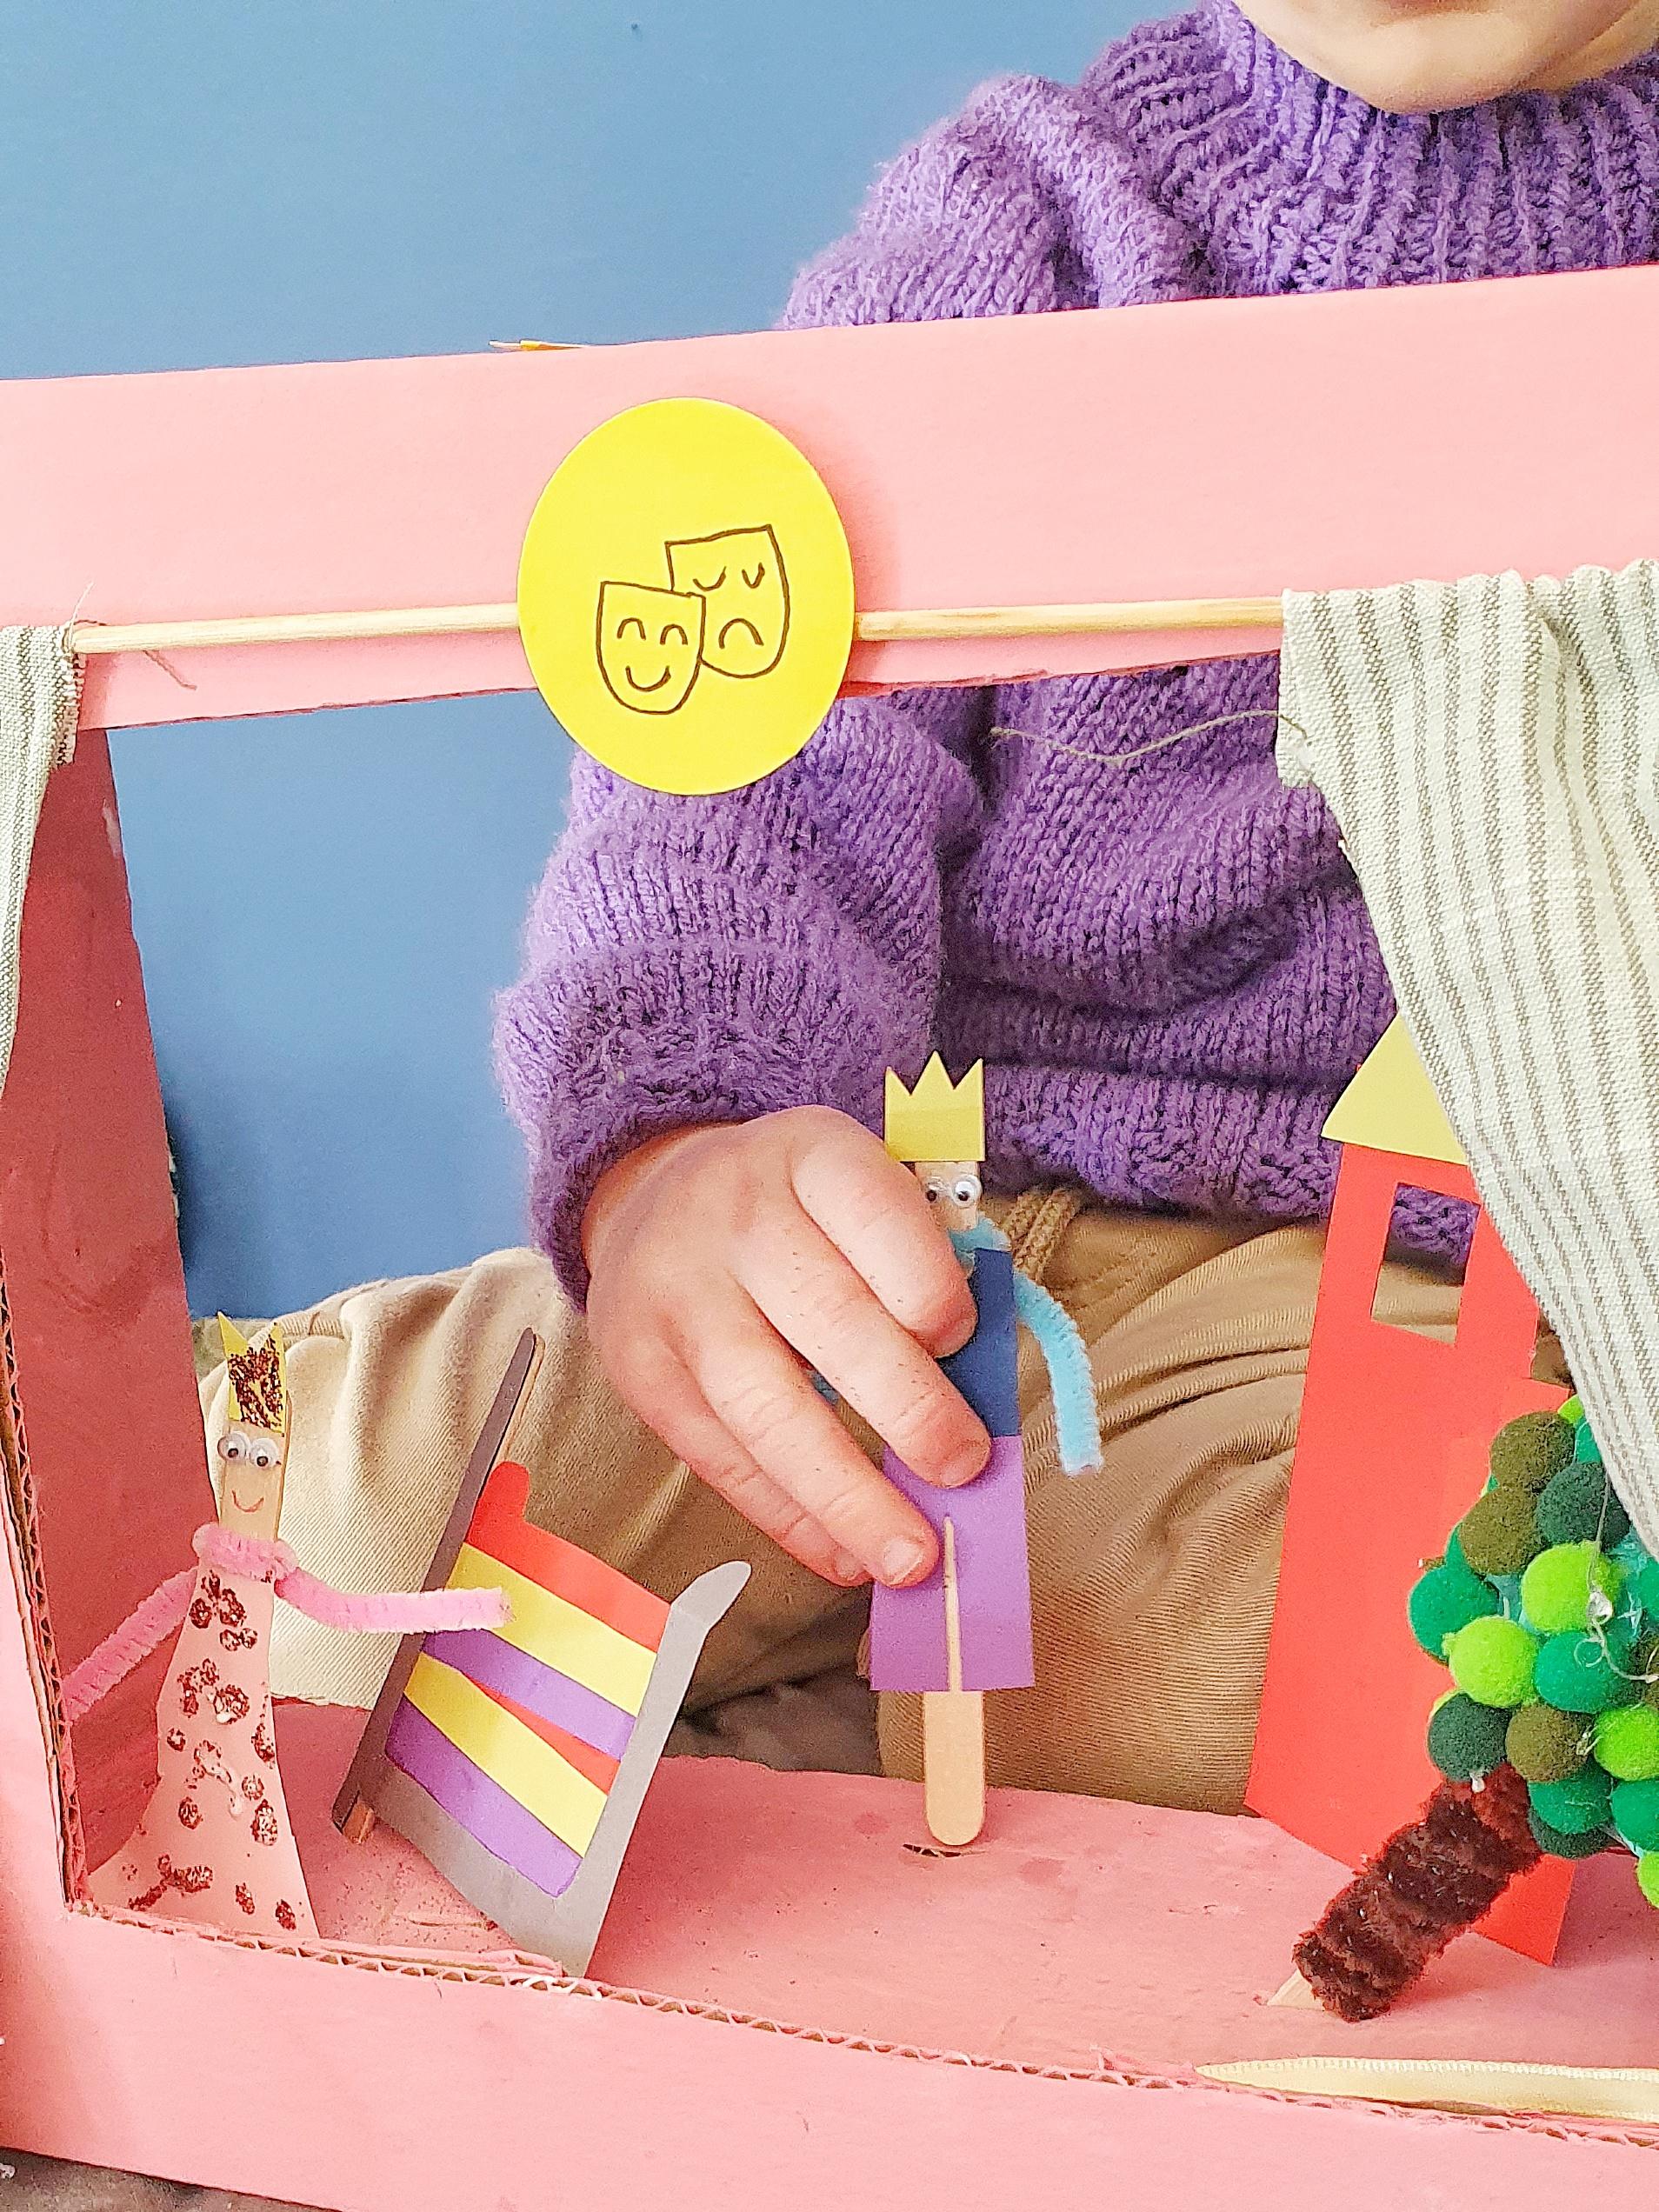 Sådan laver du et dukketeater